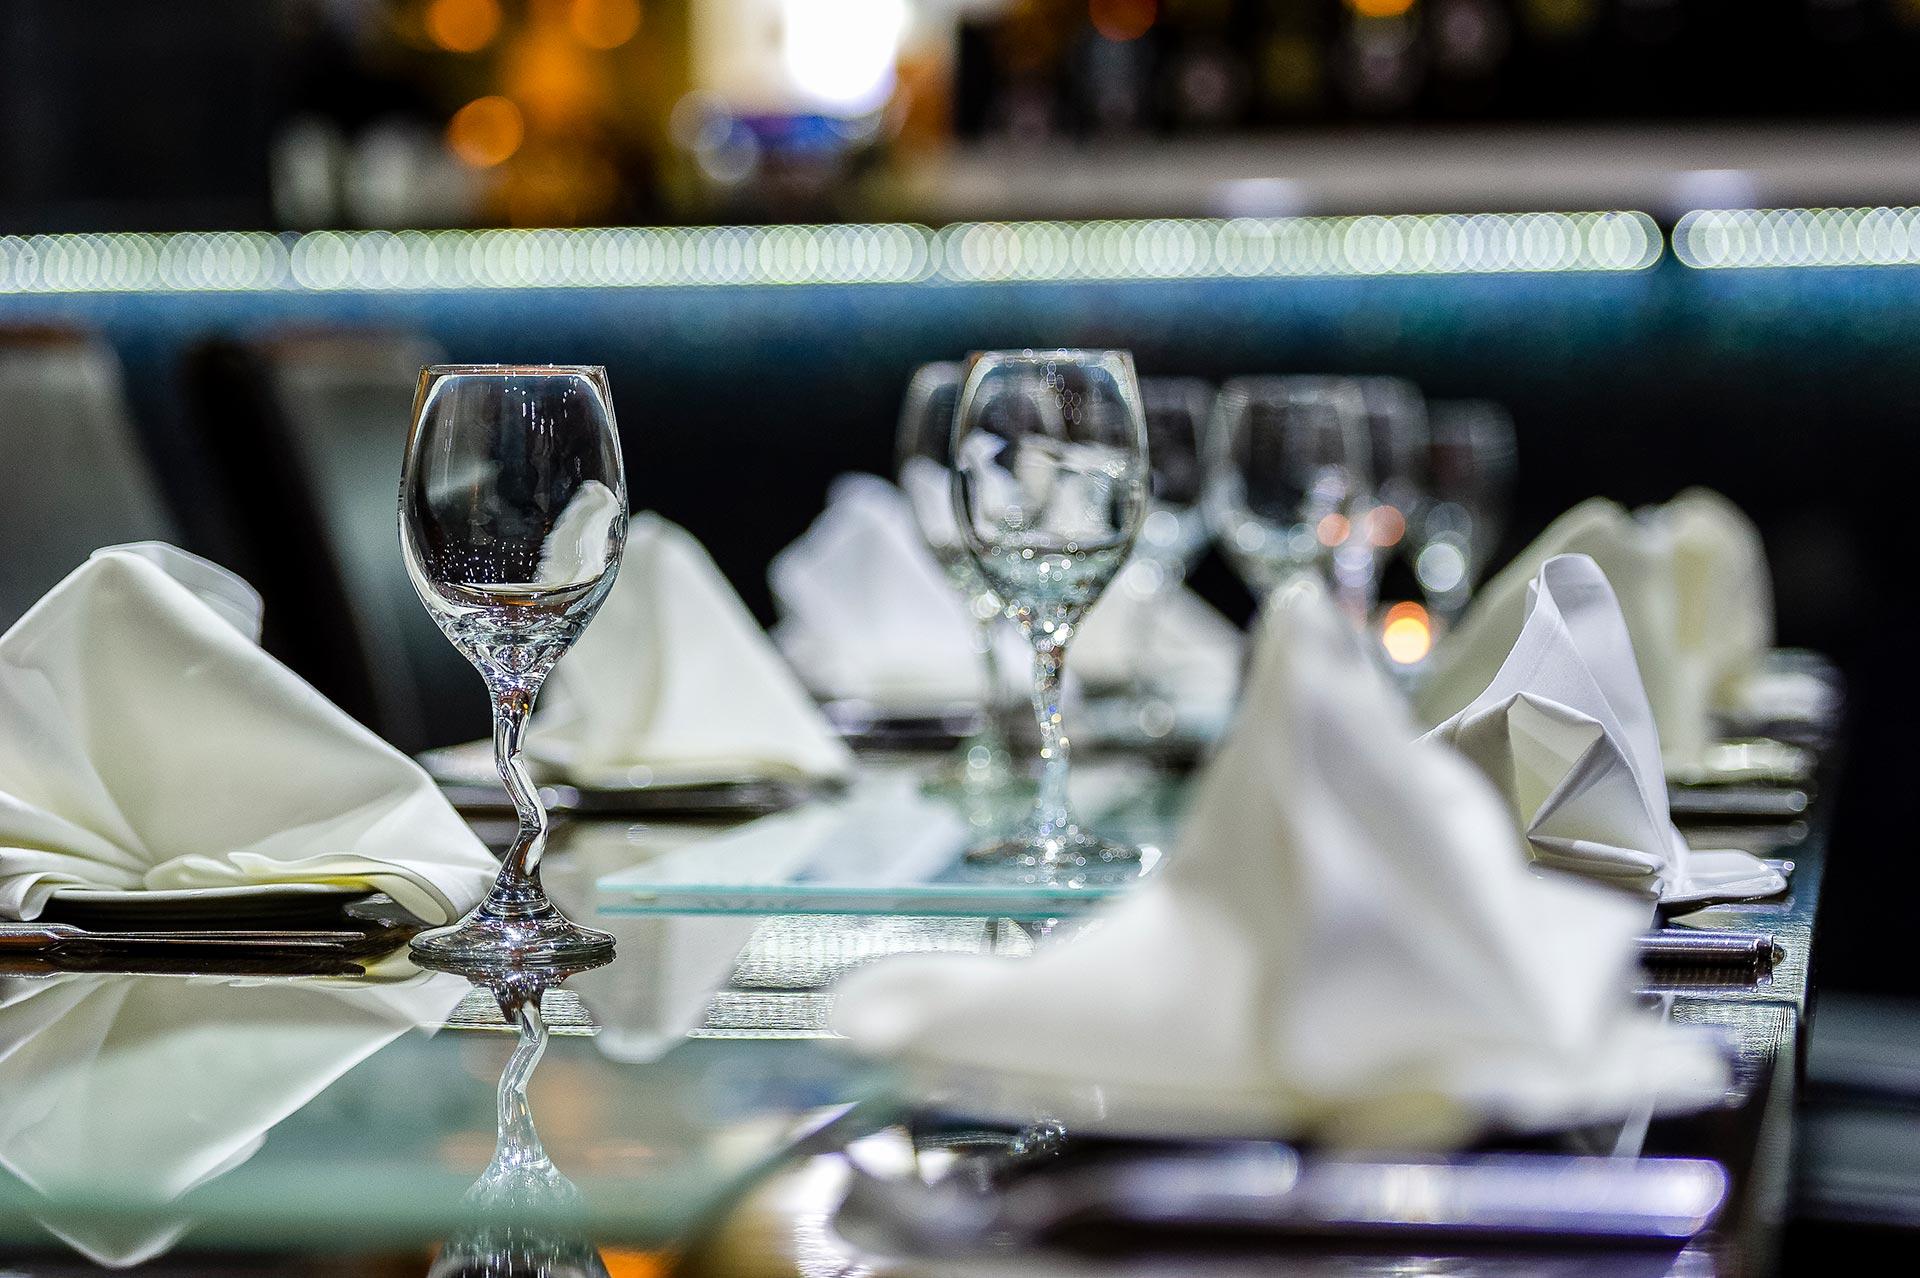 Silvester Tisch eindecken - so geht es richtig + Deko Ideen